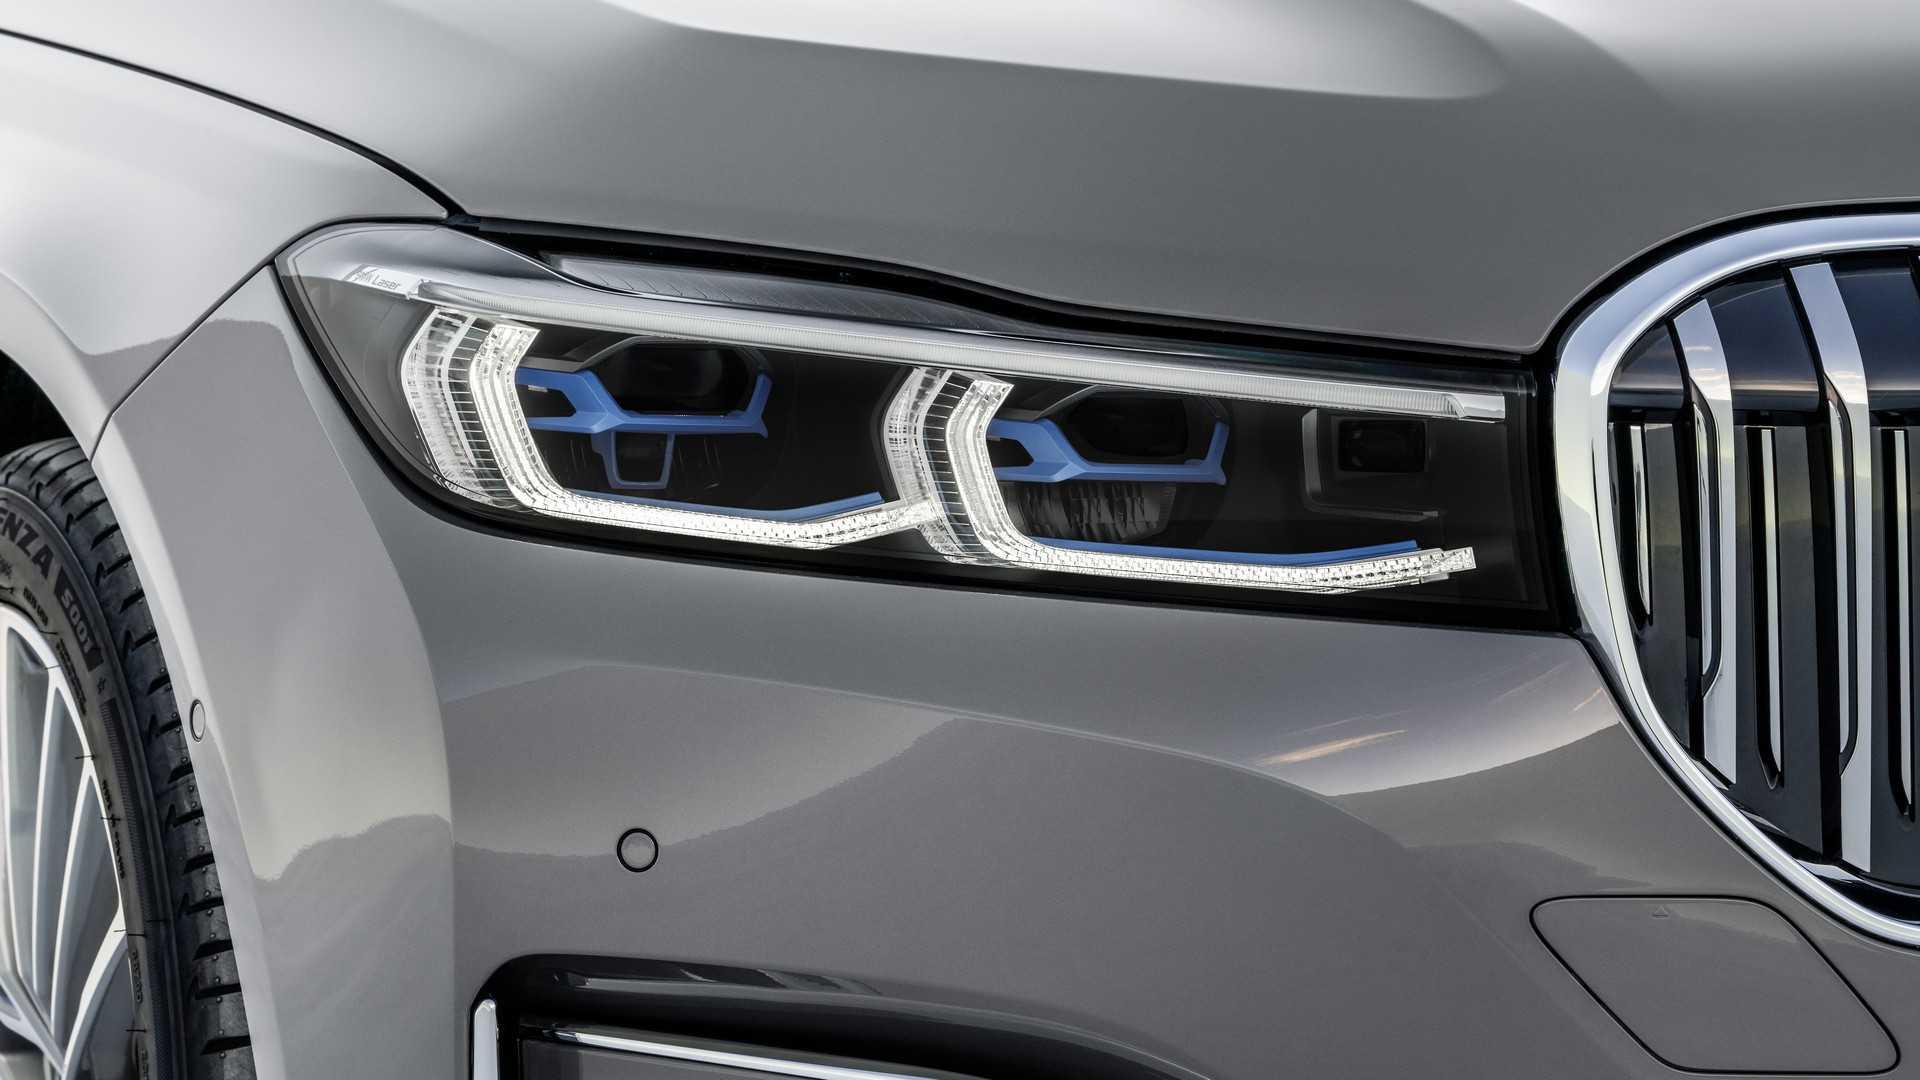 BMW 7 Series thế hệ mới sẽ có thêm bản chạy điện hoàn toàn - 18